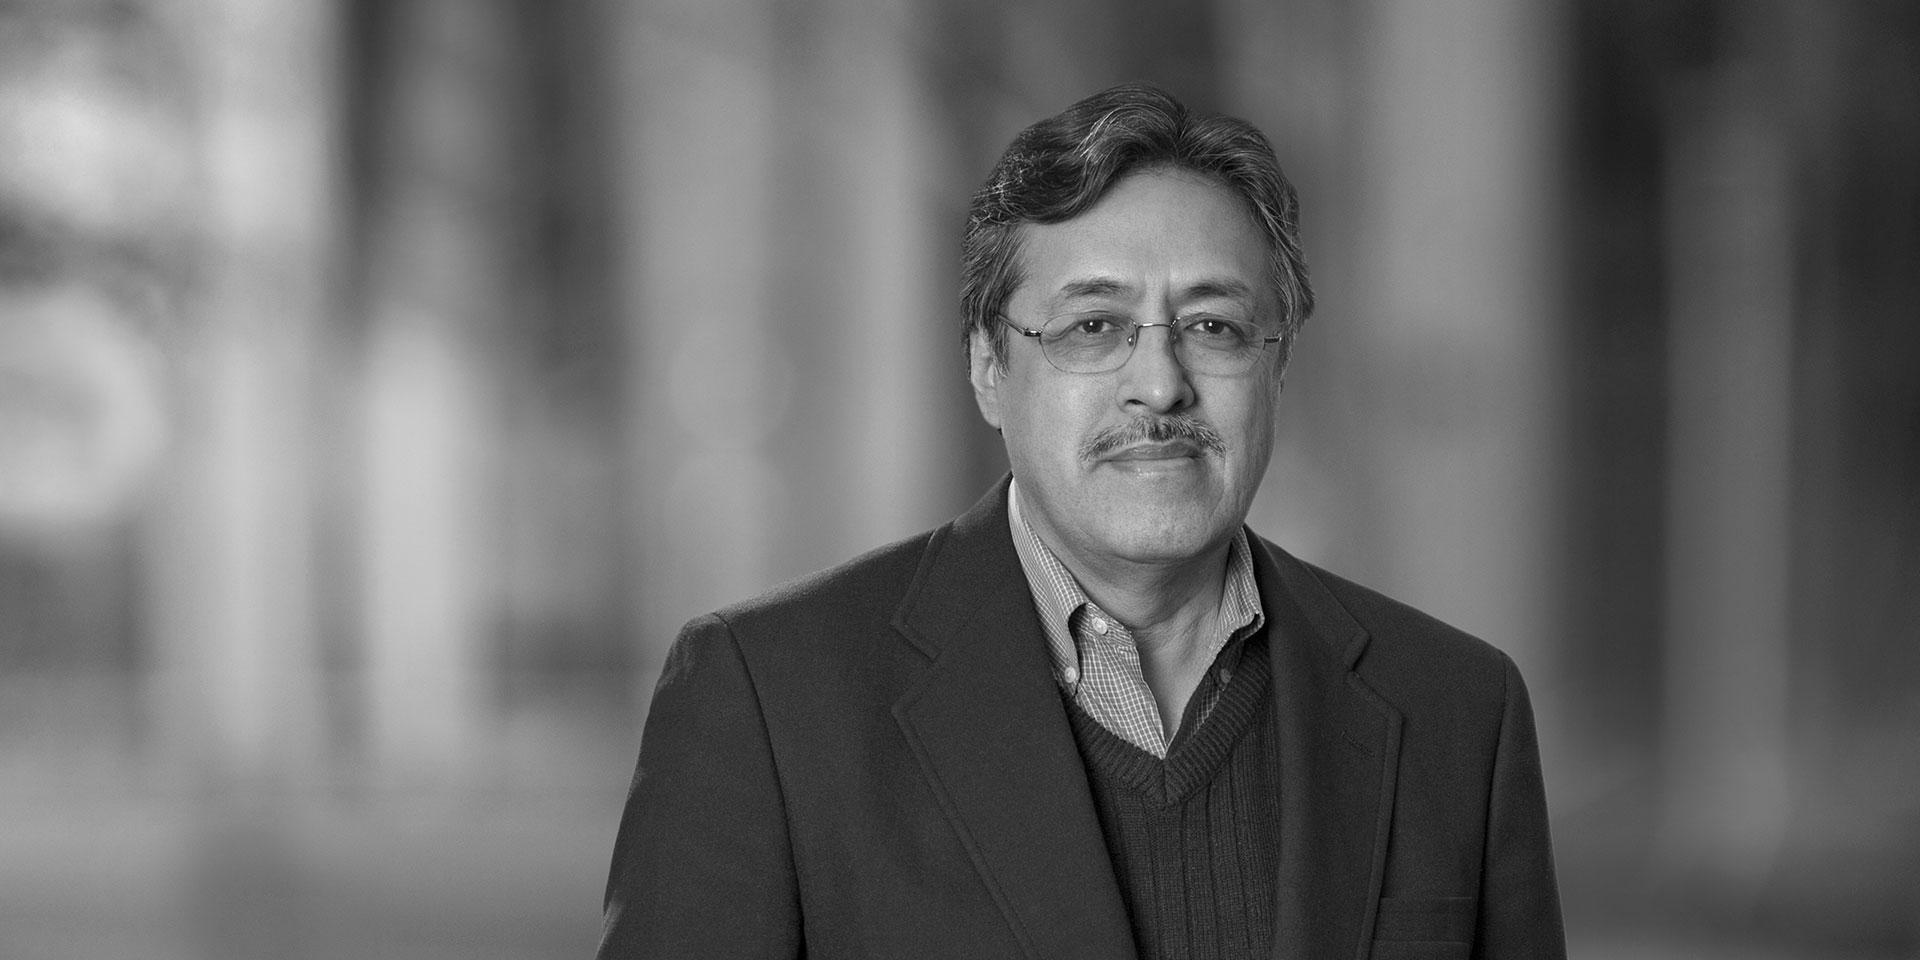 Miguel Mayorga